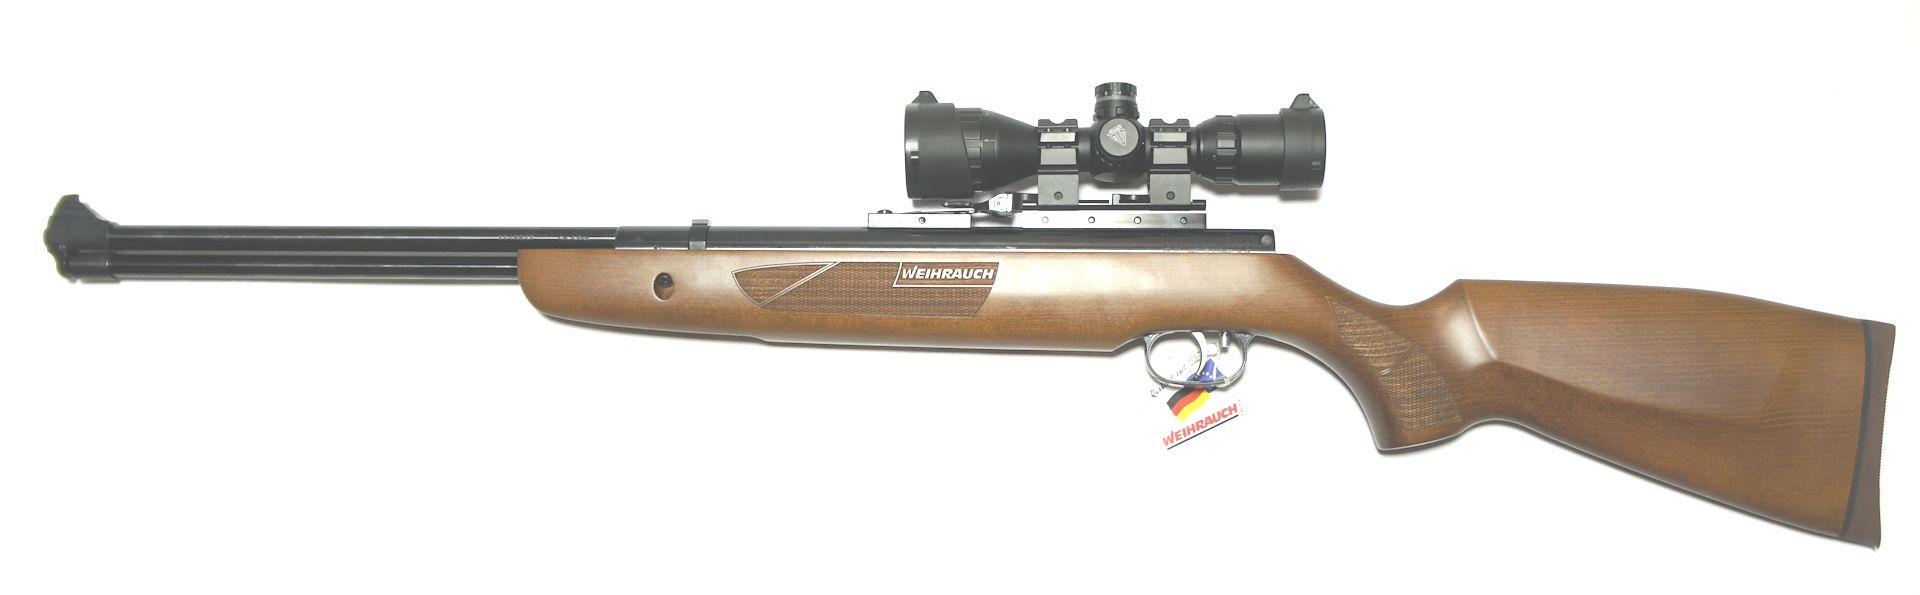 Montagebeispiel am <a href=1160407-45.htm>Luftgewehr HW 57</a>. Wegen einer speziellen Montageschine kann die Kimme drauf bleiben.